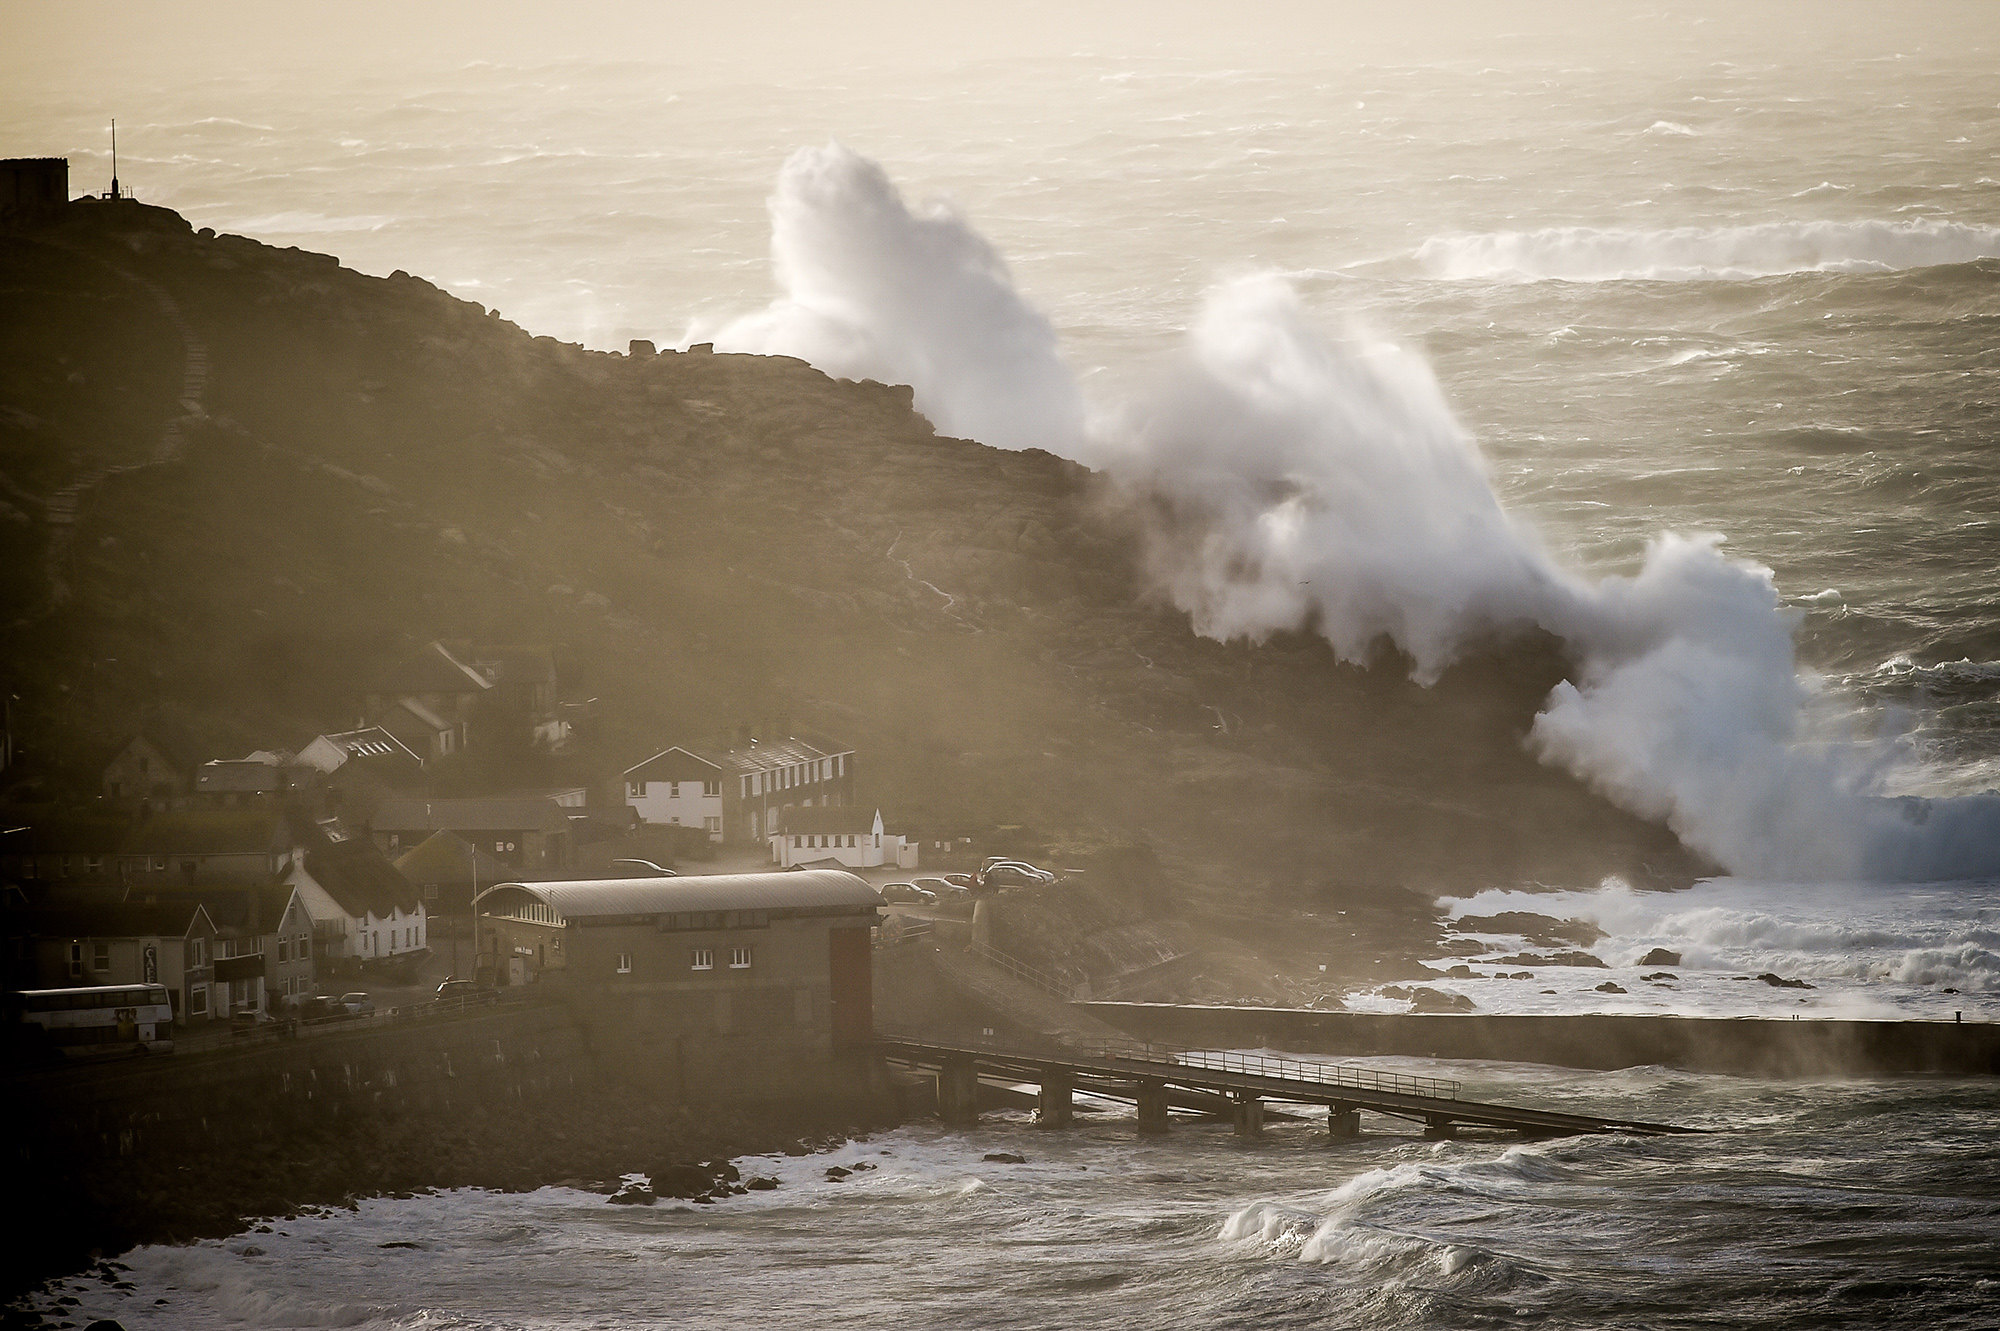 Мощные волны ударили поСеннен-Ков — небольшой прибрежной деревушке вКорнуолле, Англия.